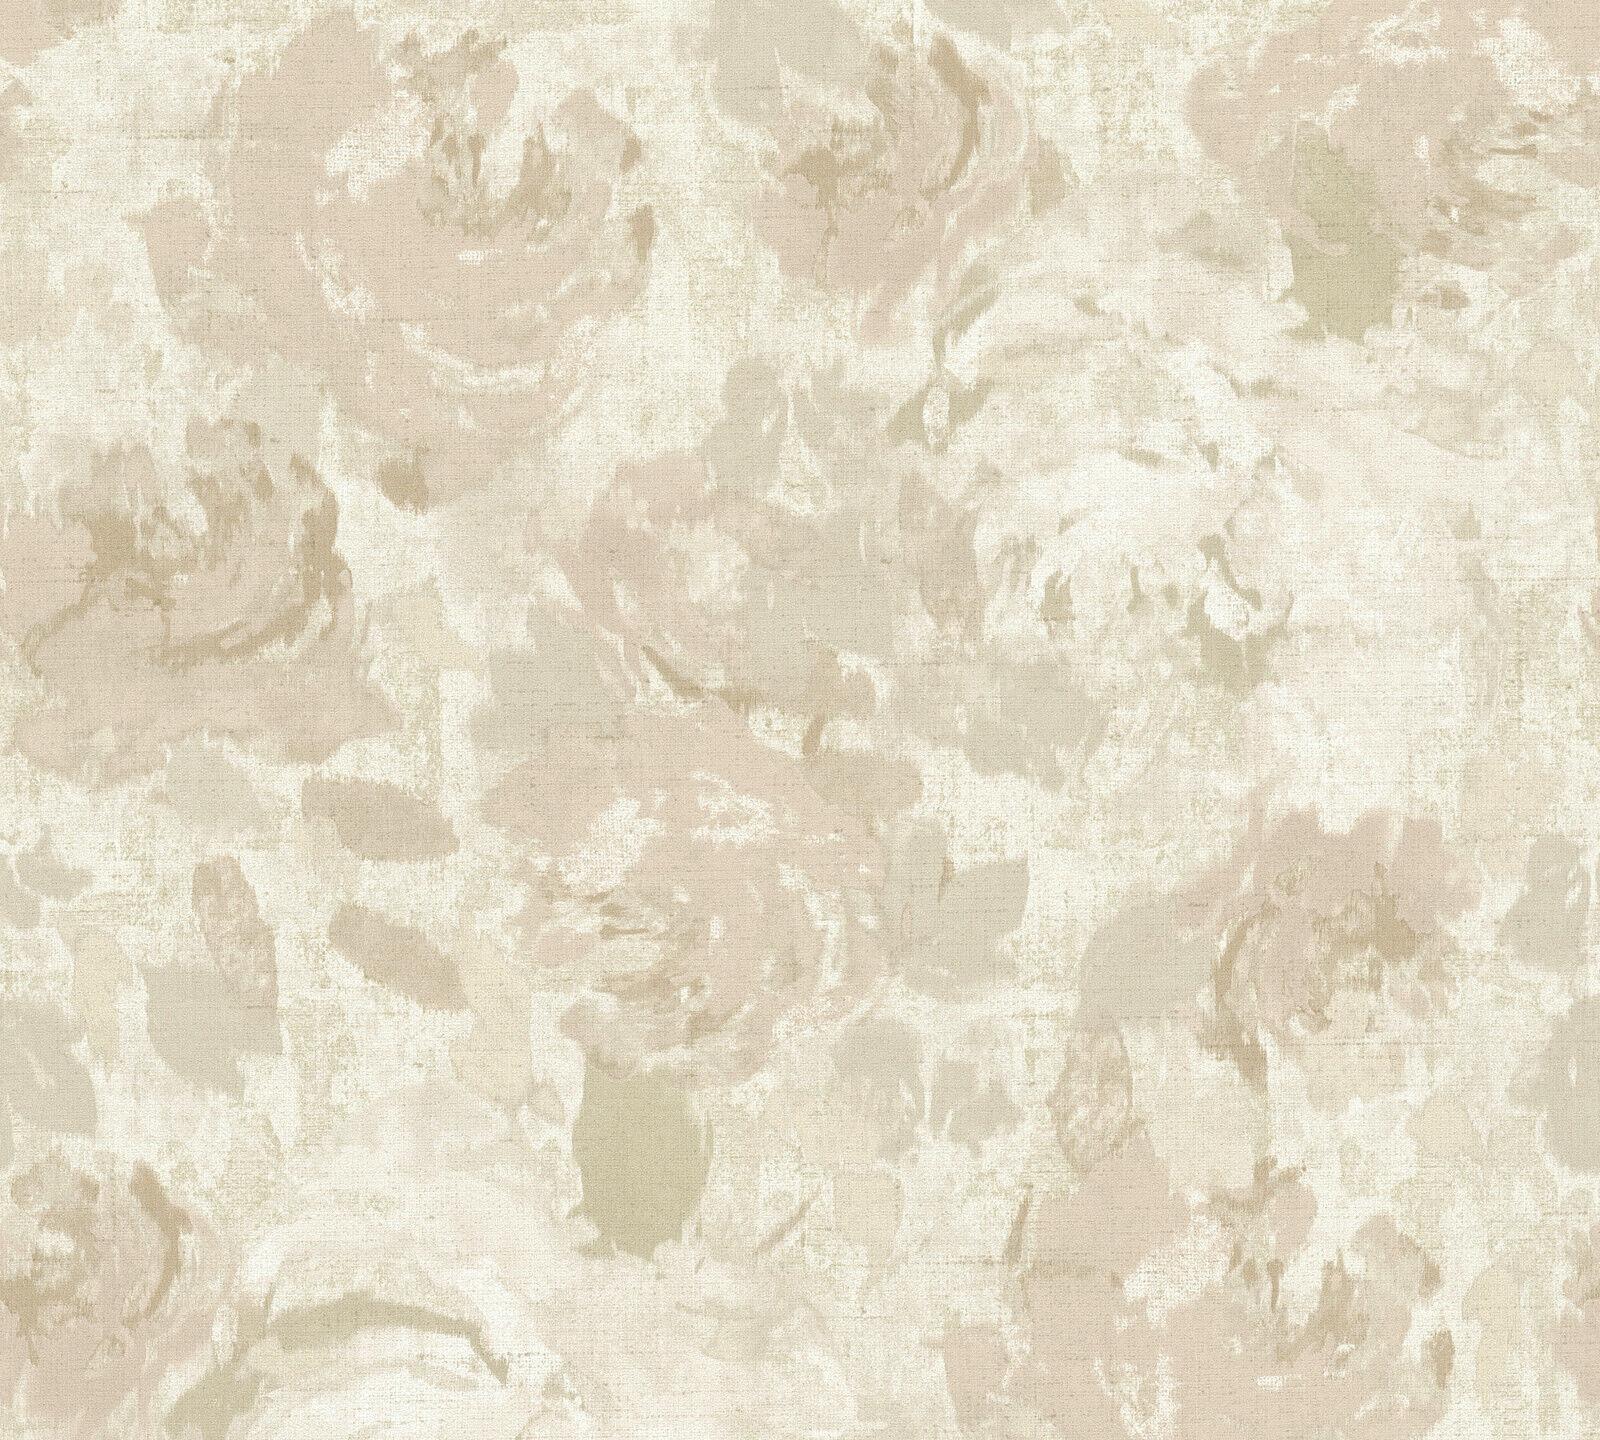 Turbo Florales Muster Vliestapete beige creme grau Character 36772-3 FB74